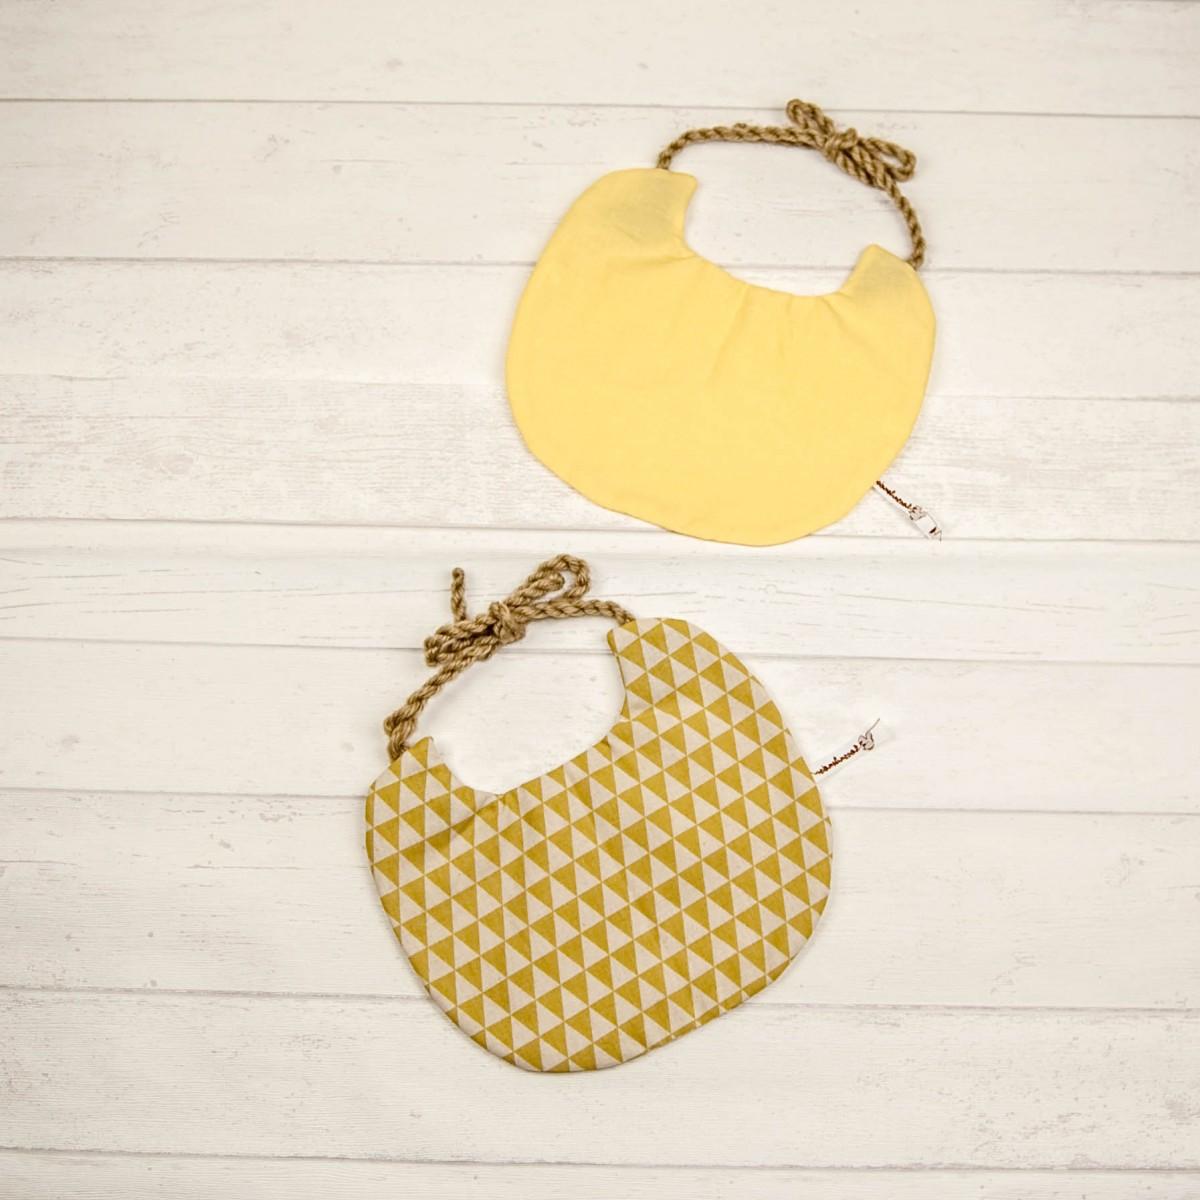 hasenkinder - wendbares Lätzchen Set gelb 23x19 cm (ohne Deko)